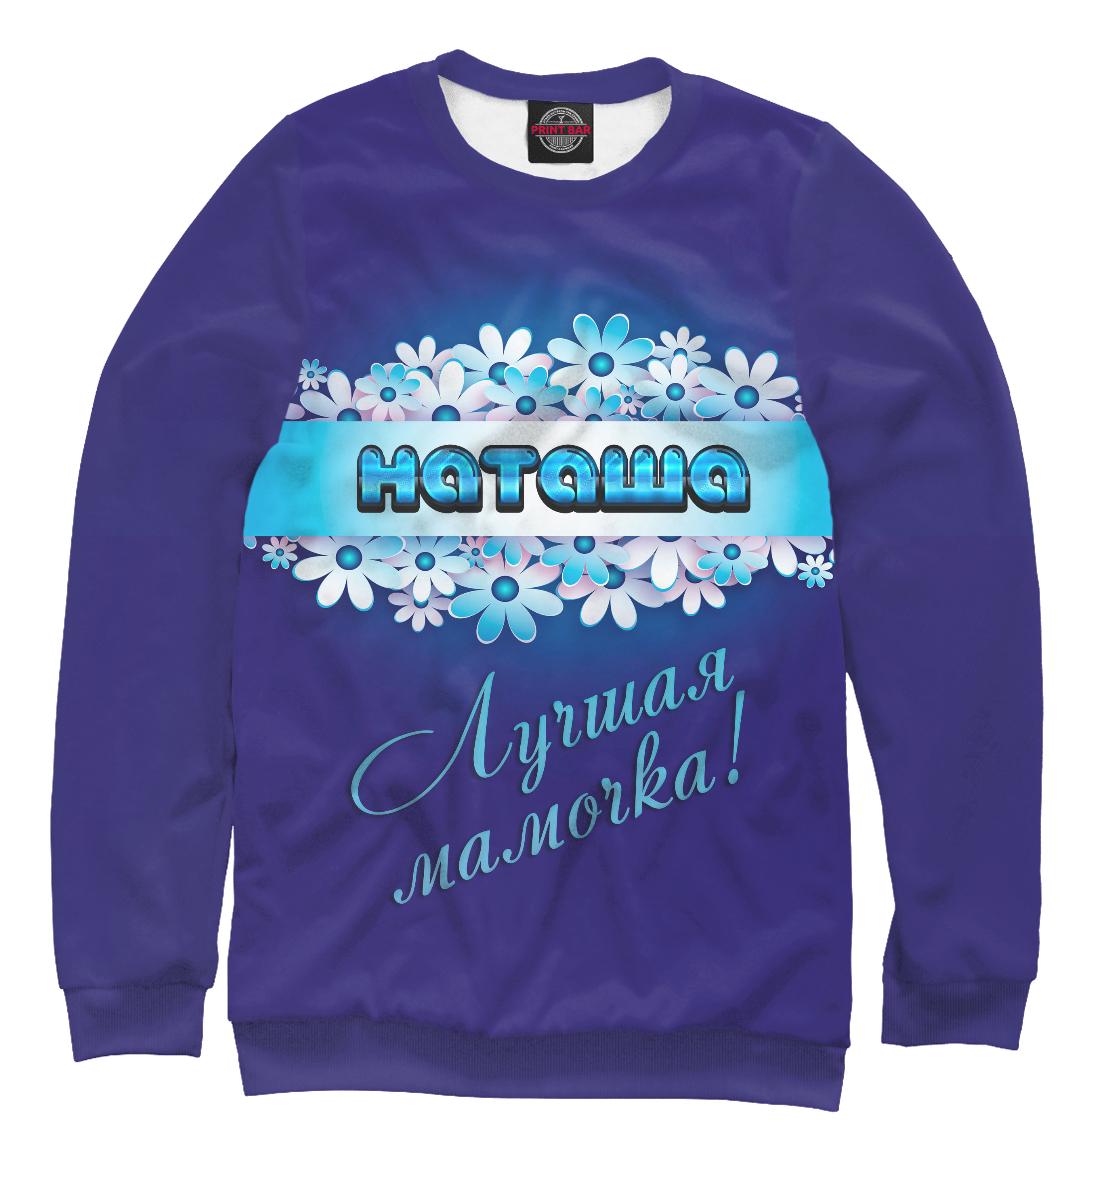 Купить Лучшая мамочка Наташа, Printbar, Свитшоты, IMR-528488-swi-1